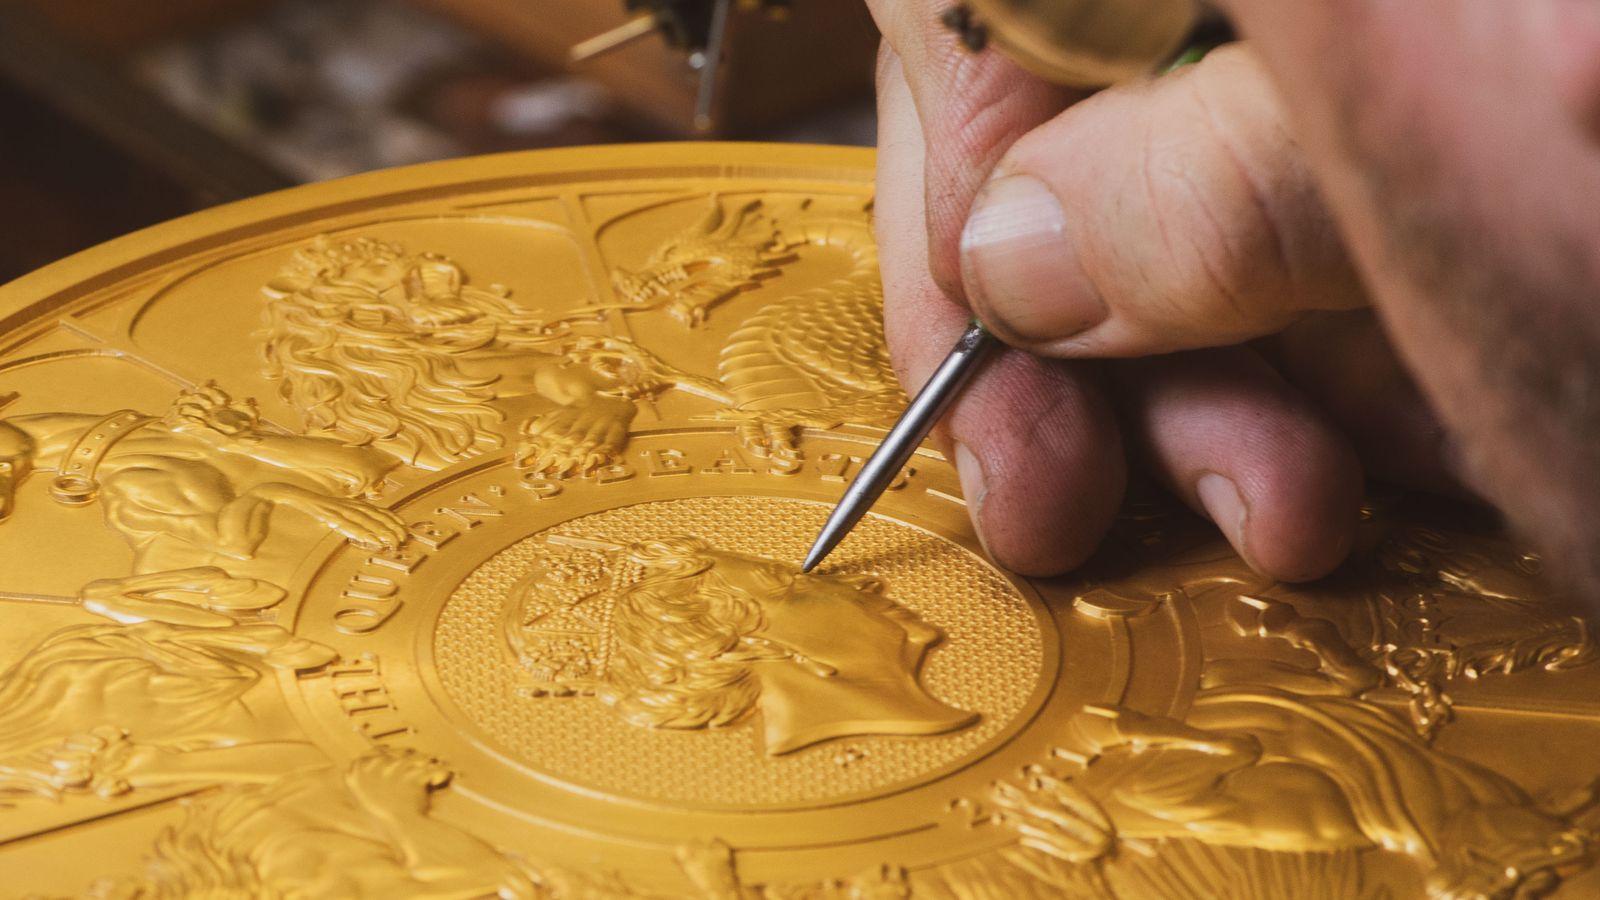 Un passaggio manuale della rifinitura del pezzo da 10.000 sterline che la Royal Mint ha coniato in esemplare unico per completare la serie dedicata agli animali araldici del Regno Unito: è la più grande moneta battura Oltremanica in 1100 anni di zecca